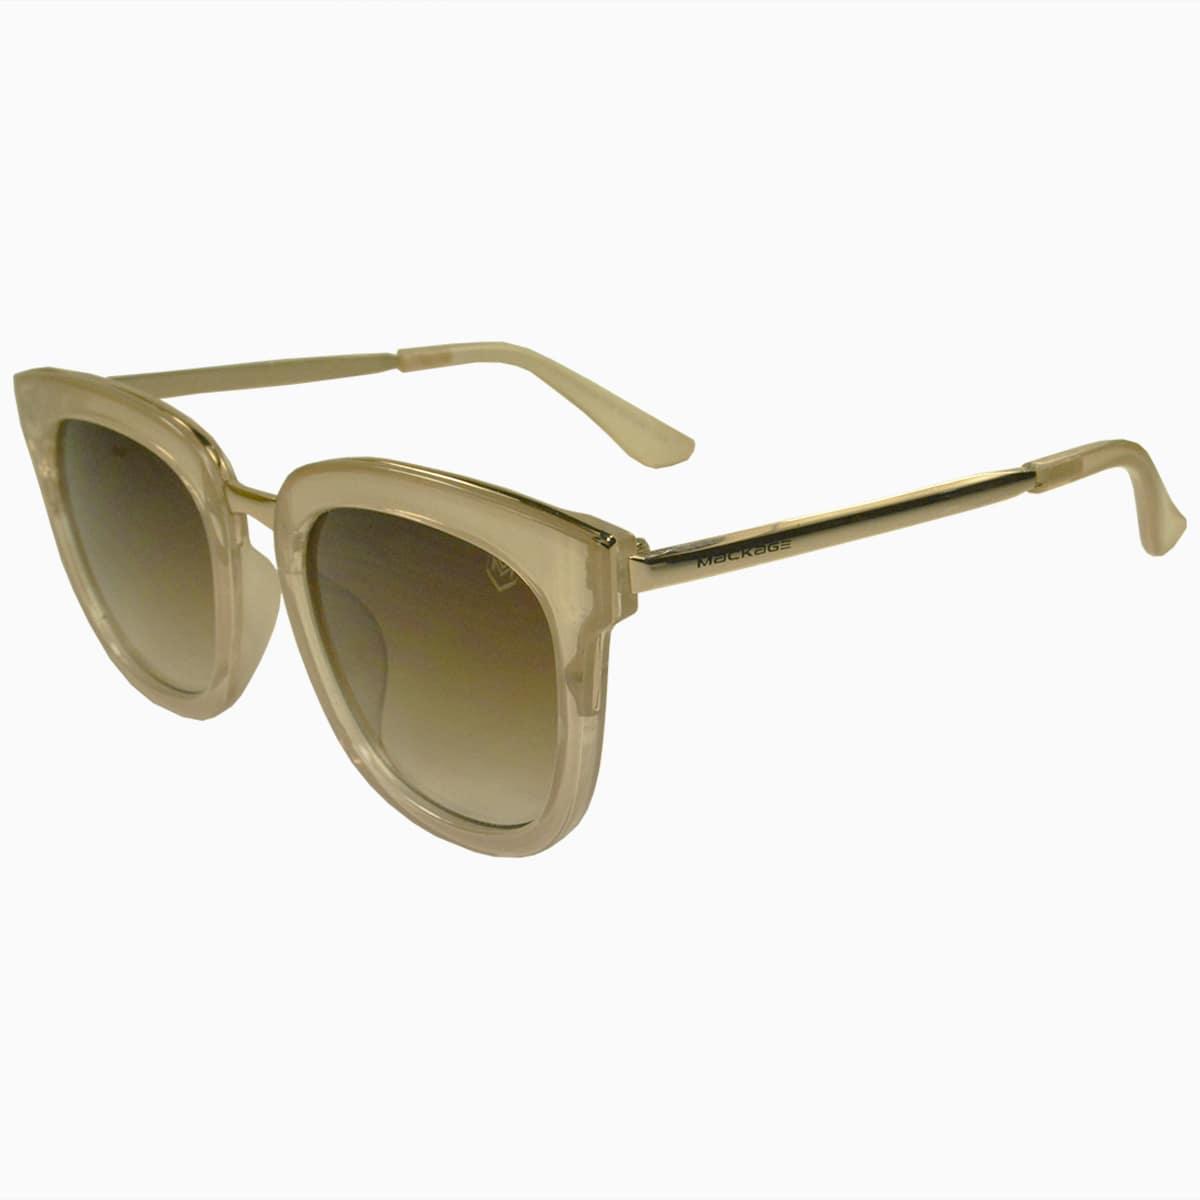 Óculos de Sol Mackage Feminino Acetato/Metal Quadrado - Nude